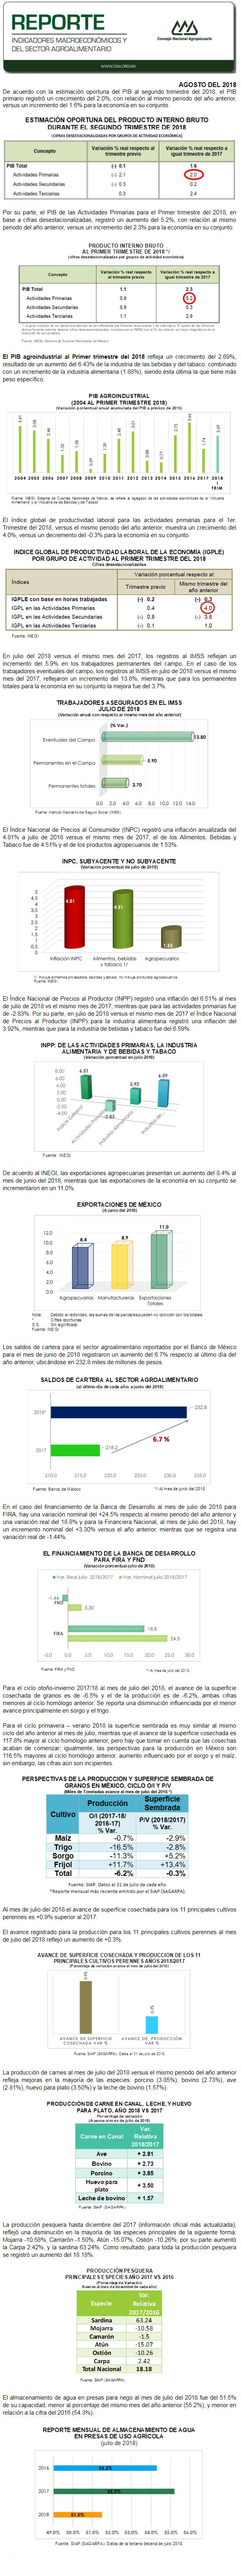 Reporte de Indicadores Macroeconomicos y del Sector Agroalimentario de Agosto 2018